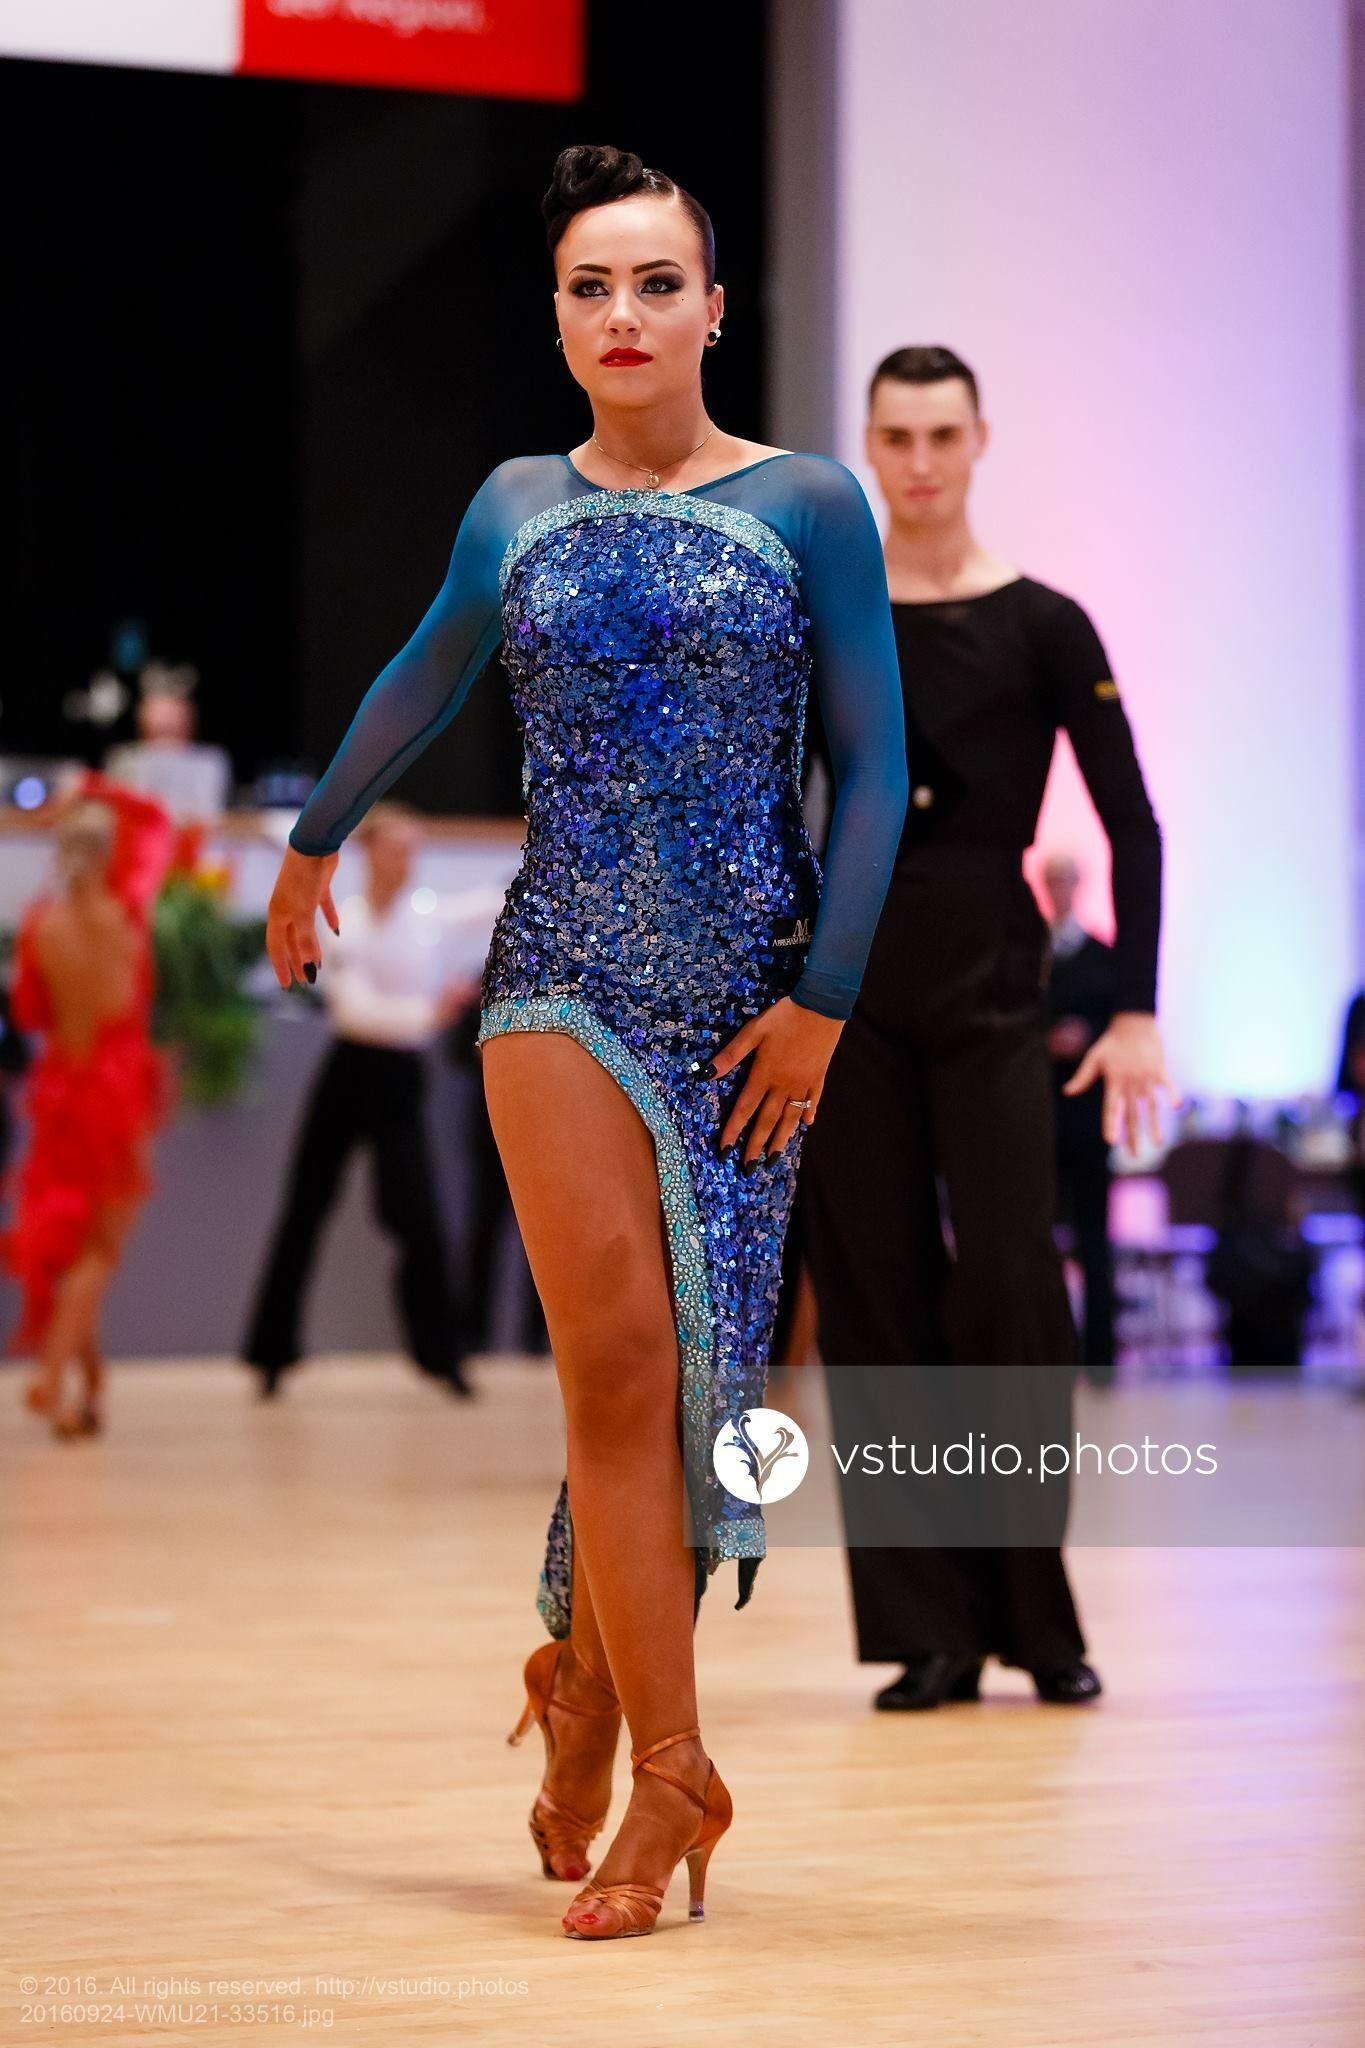 dab4e4044418 Latin Ballroom Dresses, Ballroom Dancing, Ballroom Costumes, Dance Costumes,  American Dress,